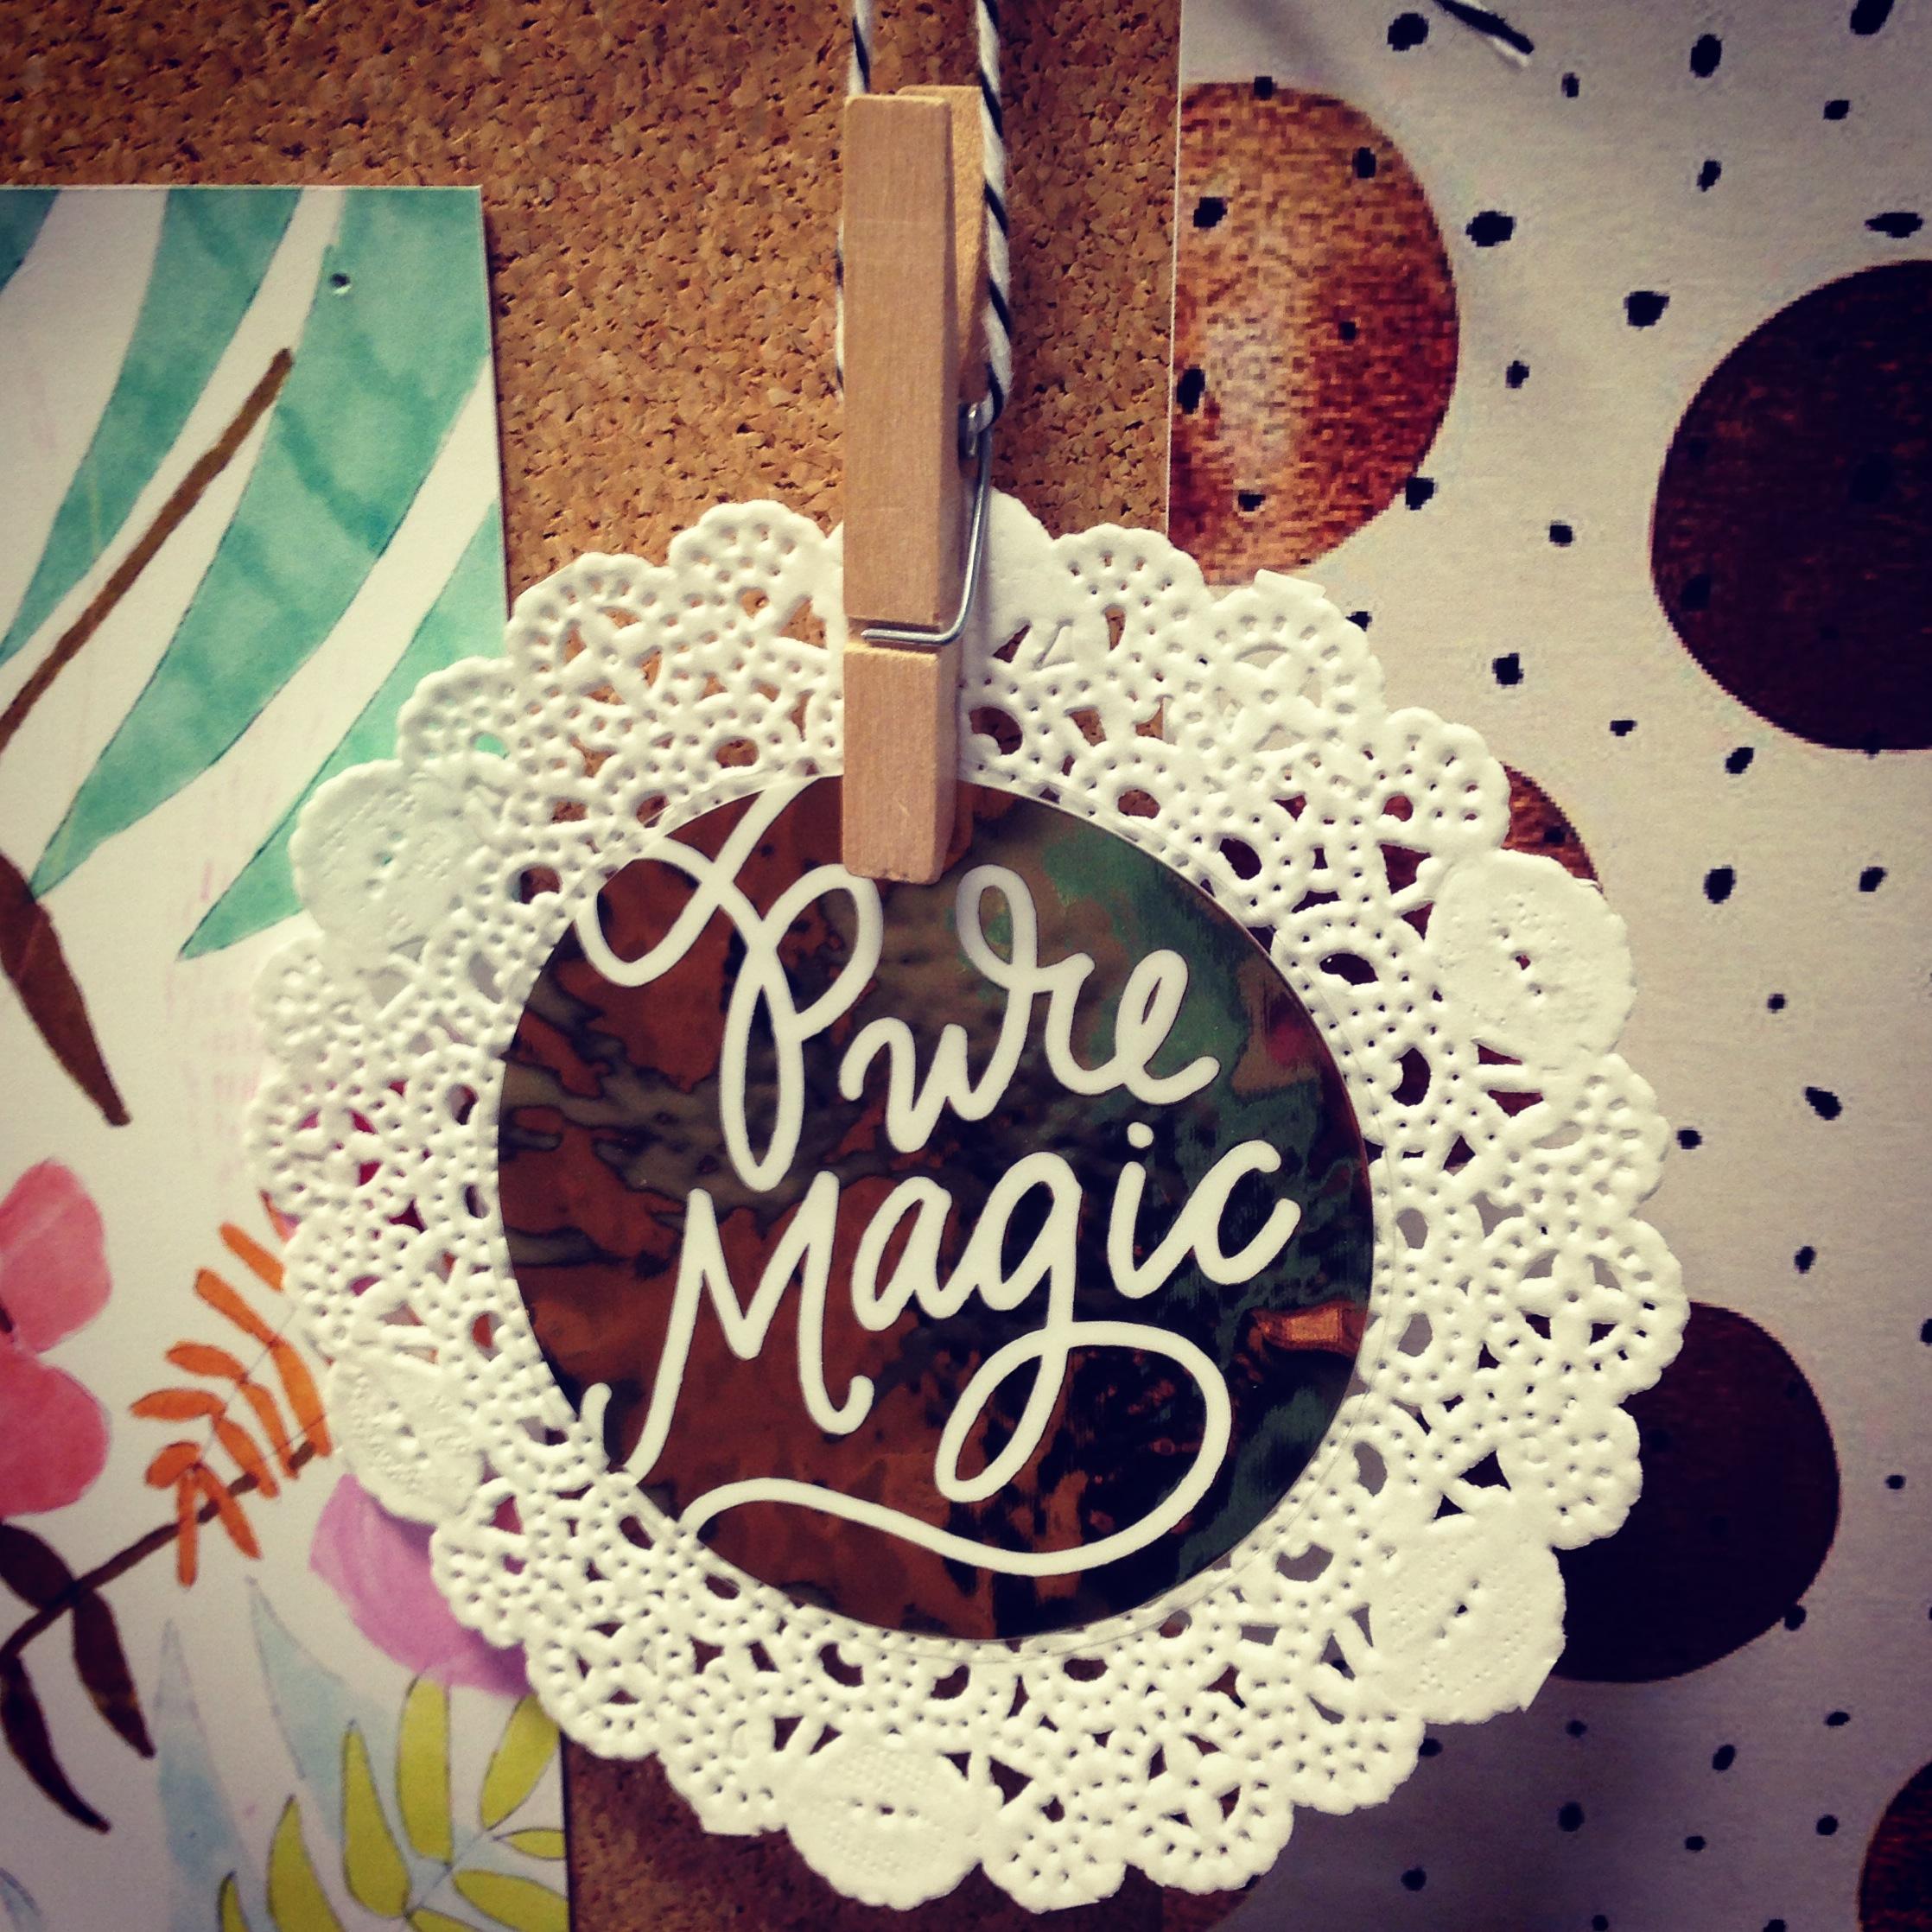 mambi sticker - Pure magic gold foil sticker with a doily.  Inspiration board.